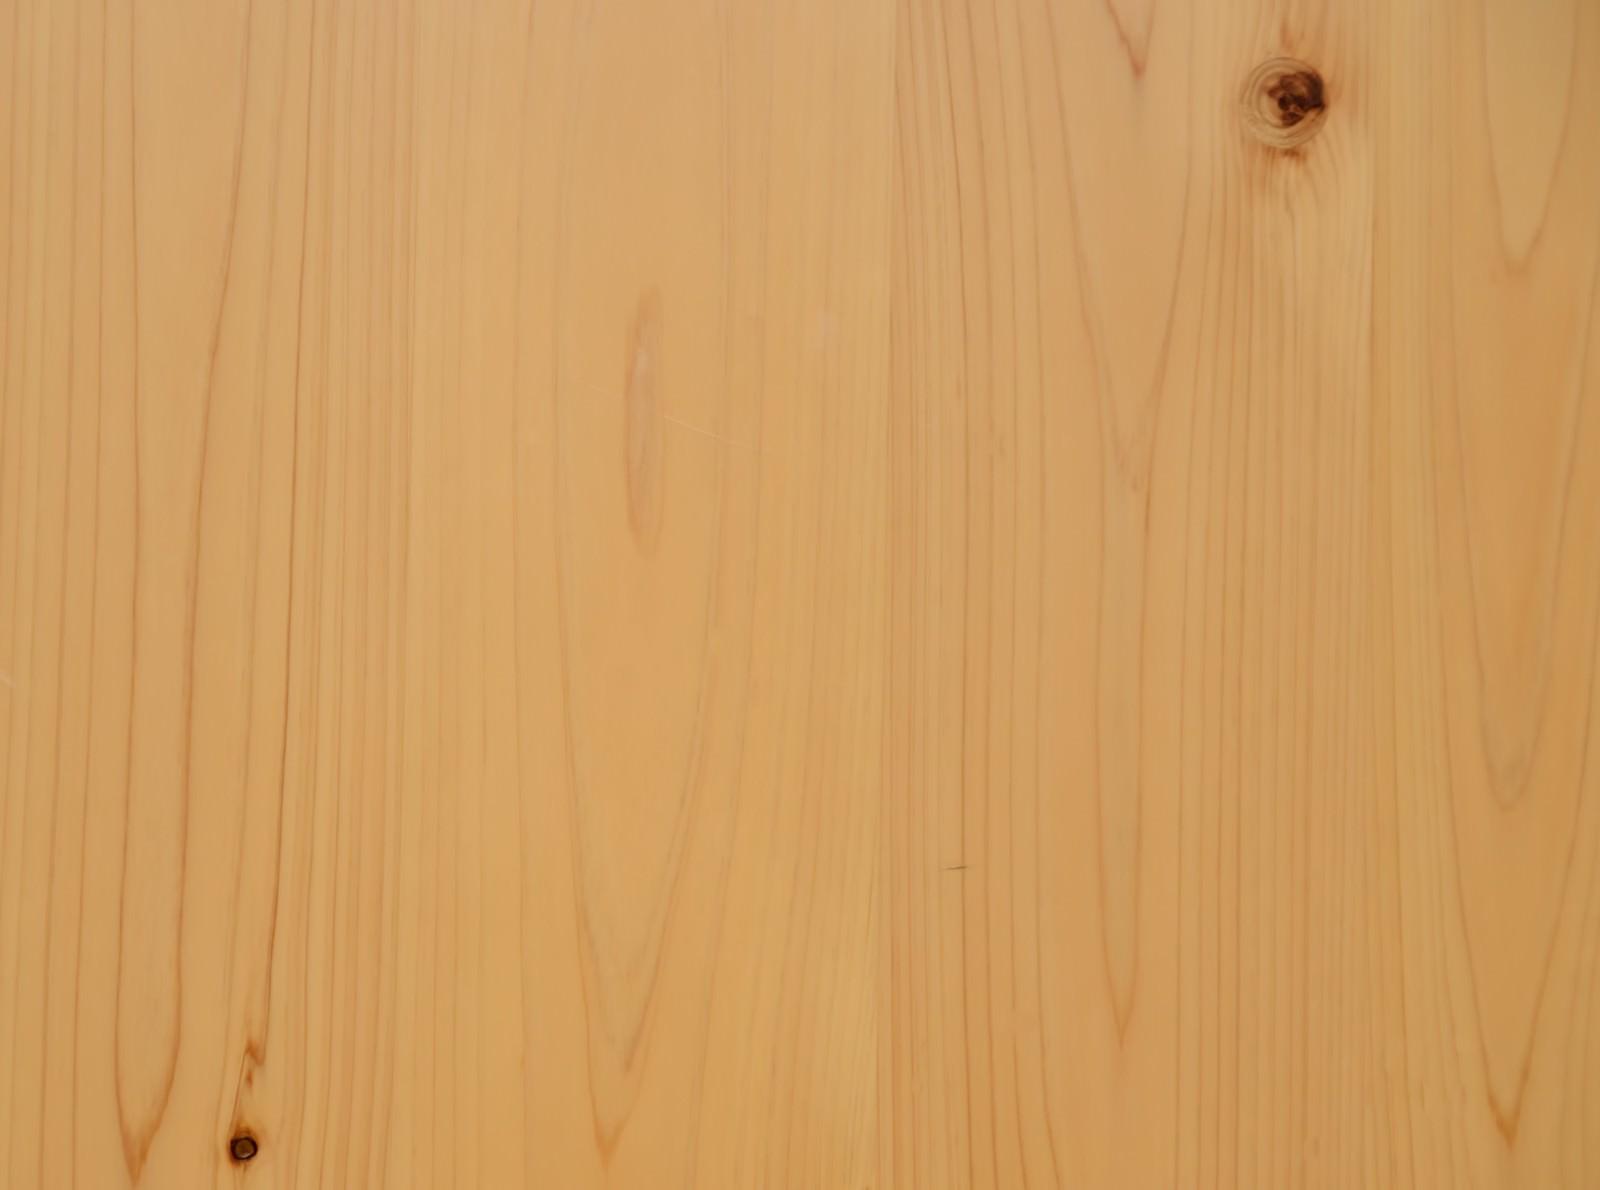 「木目」の写真